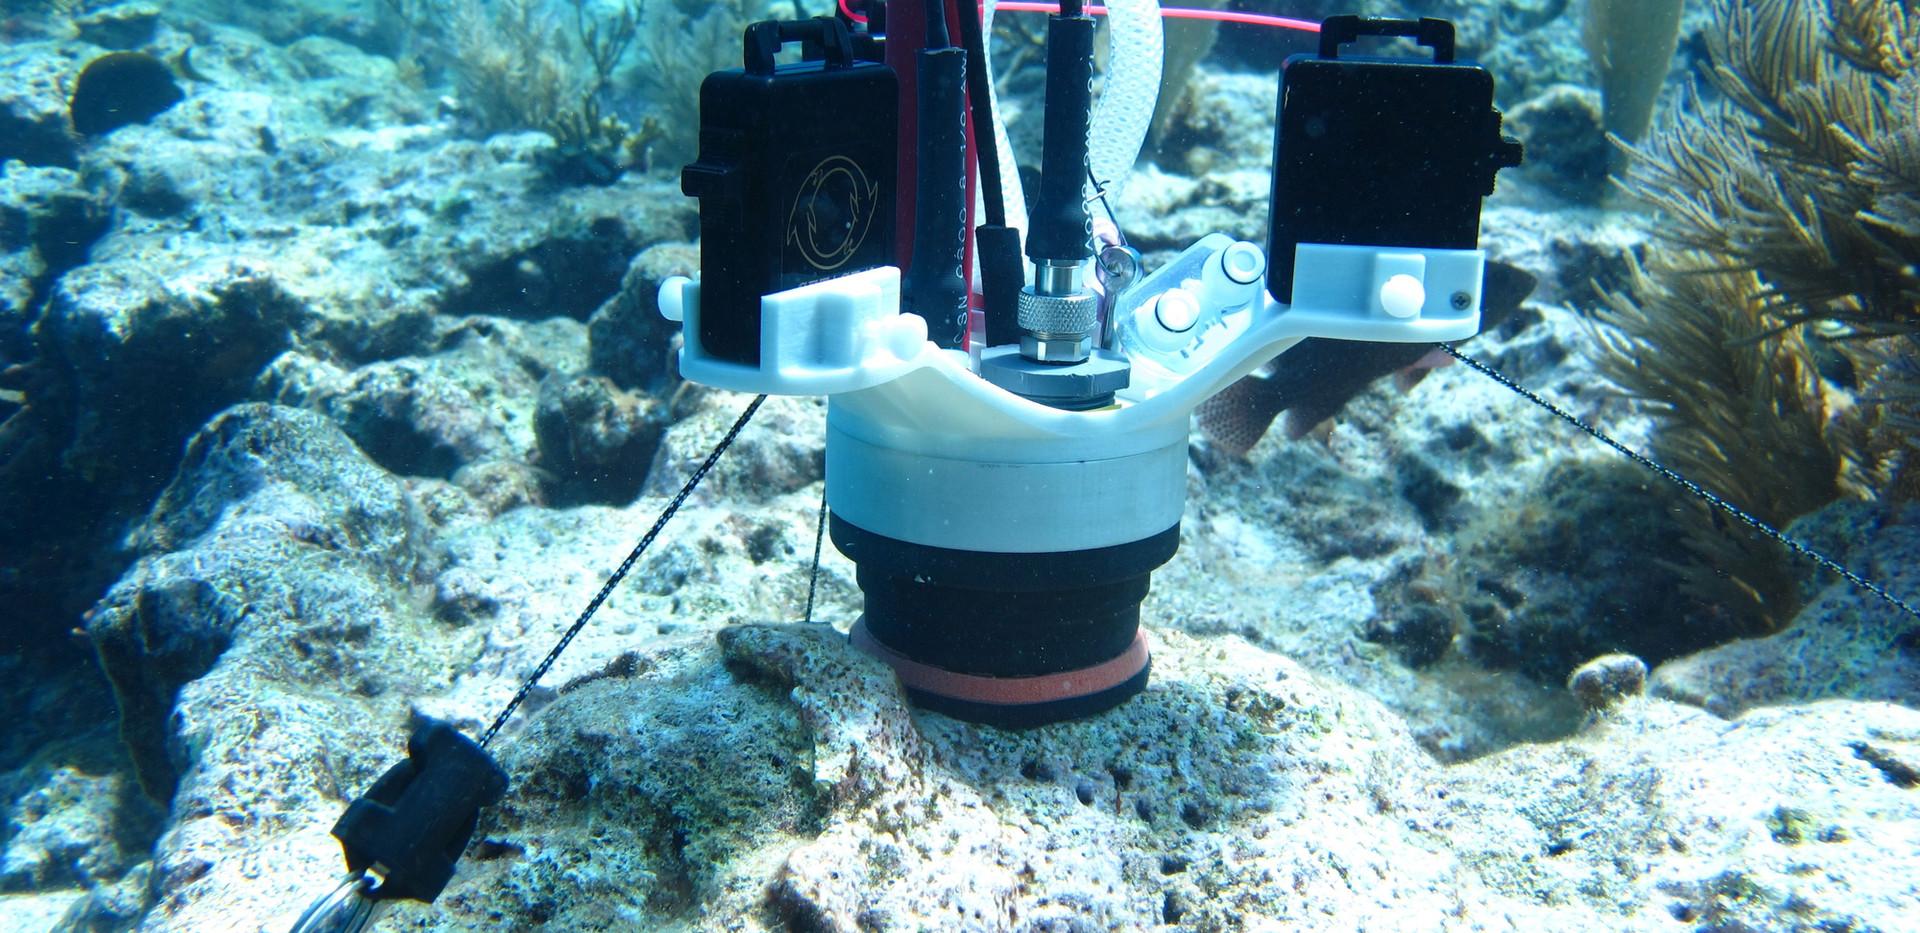 CISME deployed on crustose coraline algae